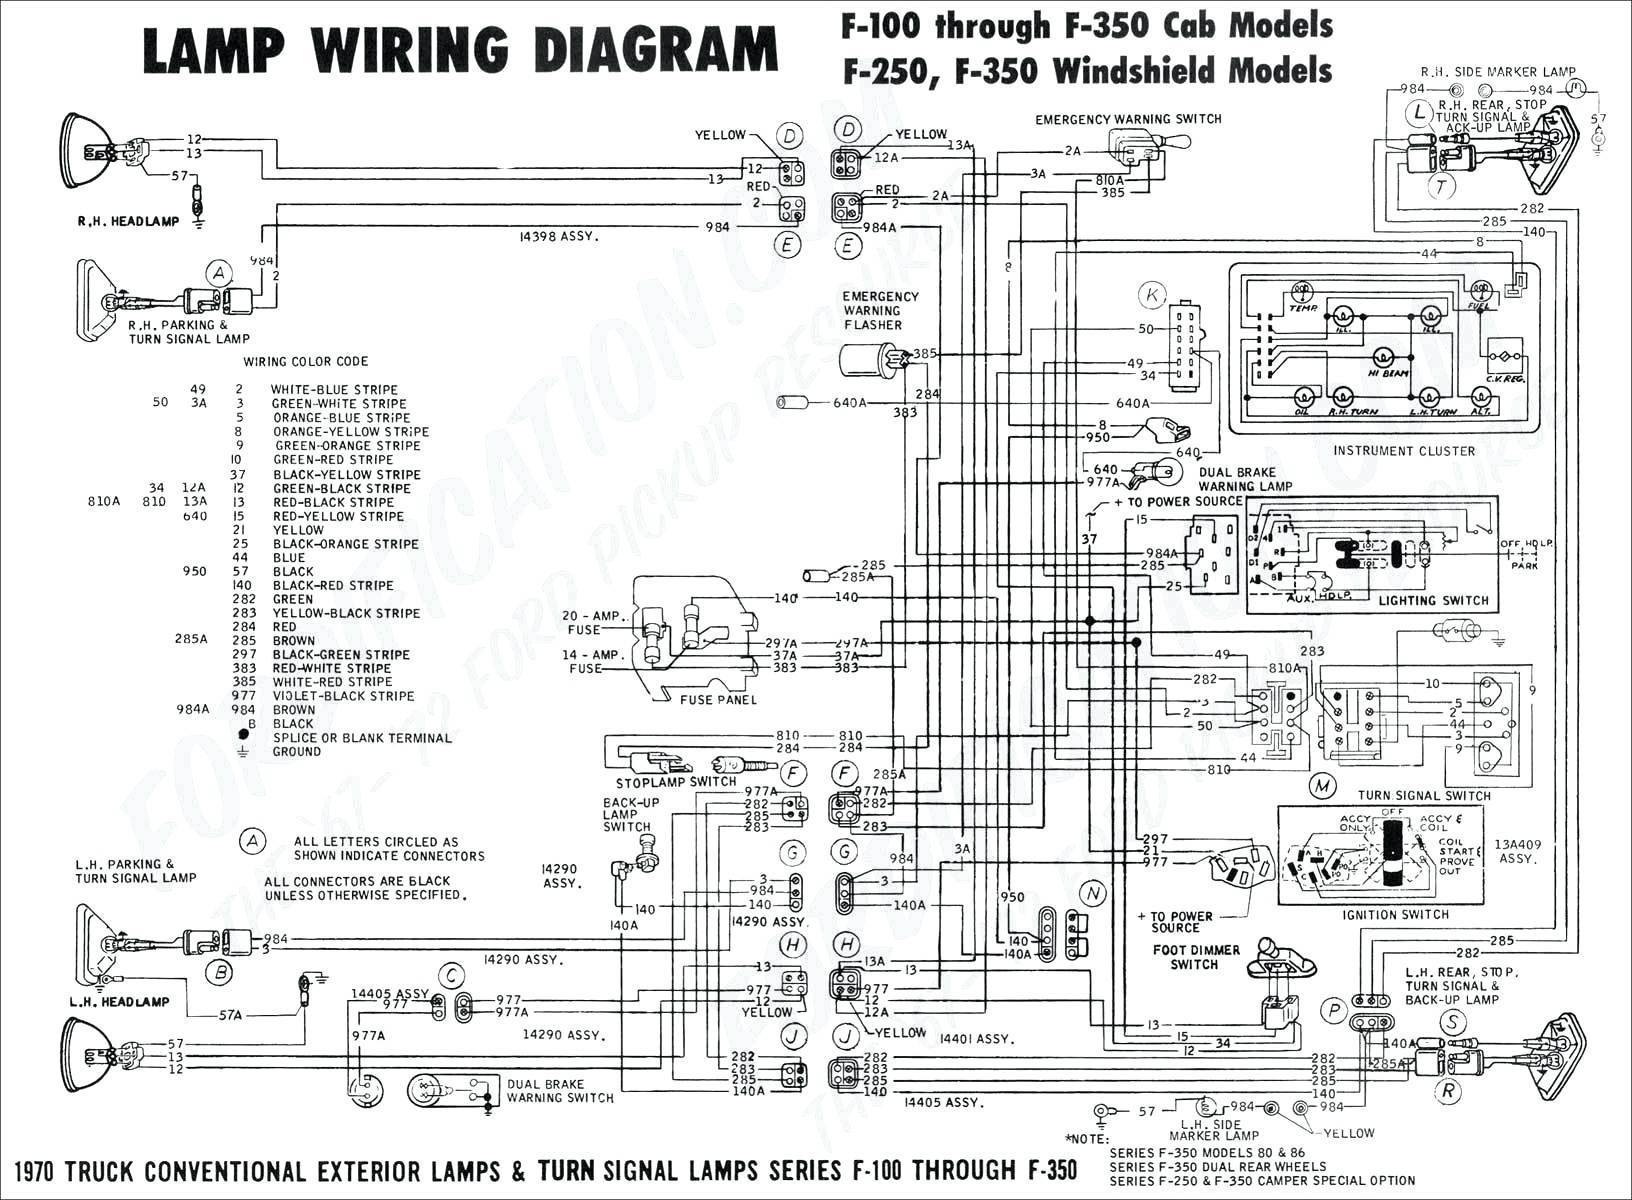 Vw Beetle Wiring Diagram Vw R32 Wiring Diagram Experts Wiring Diagram • Of Vw Beetle Wiring Diagram